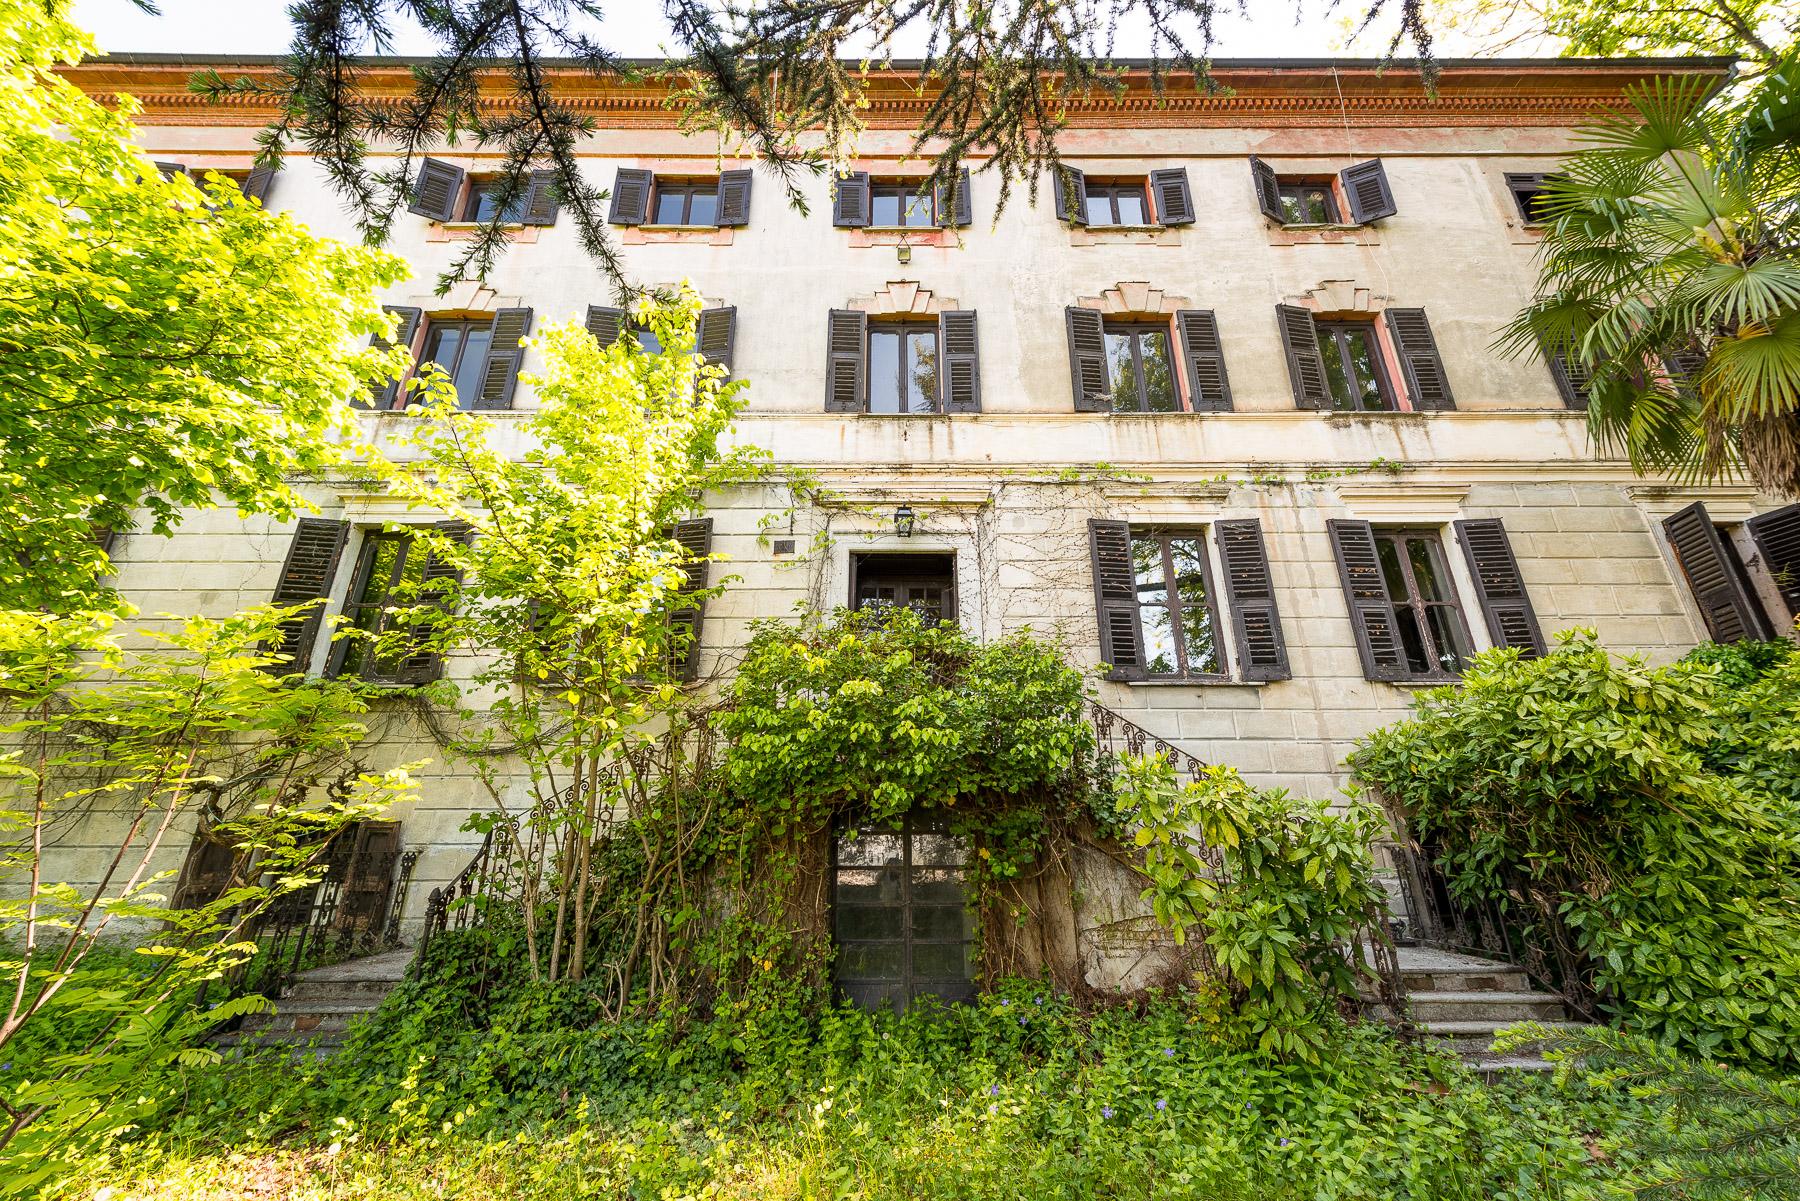 Villa in Vendita a Tagliolo Monferrato: 5 locali, 1350 mq - Foto 1